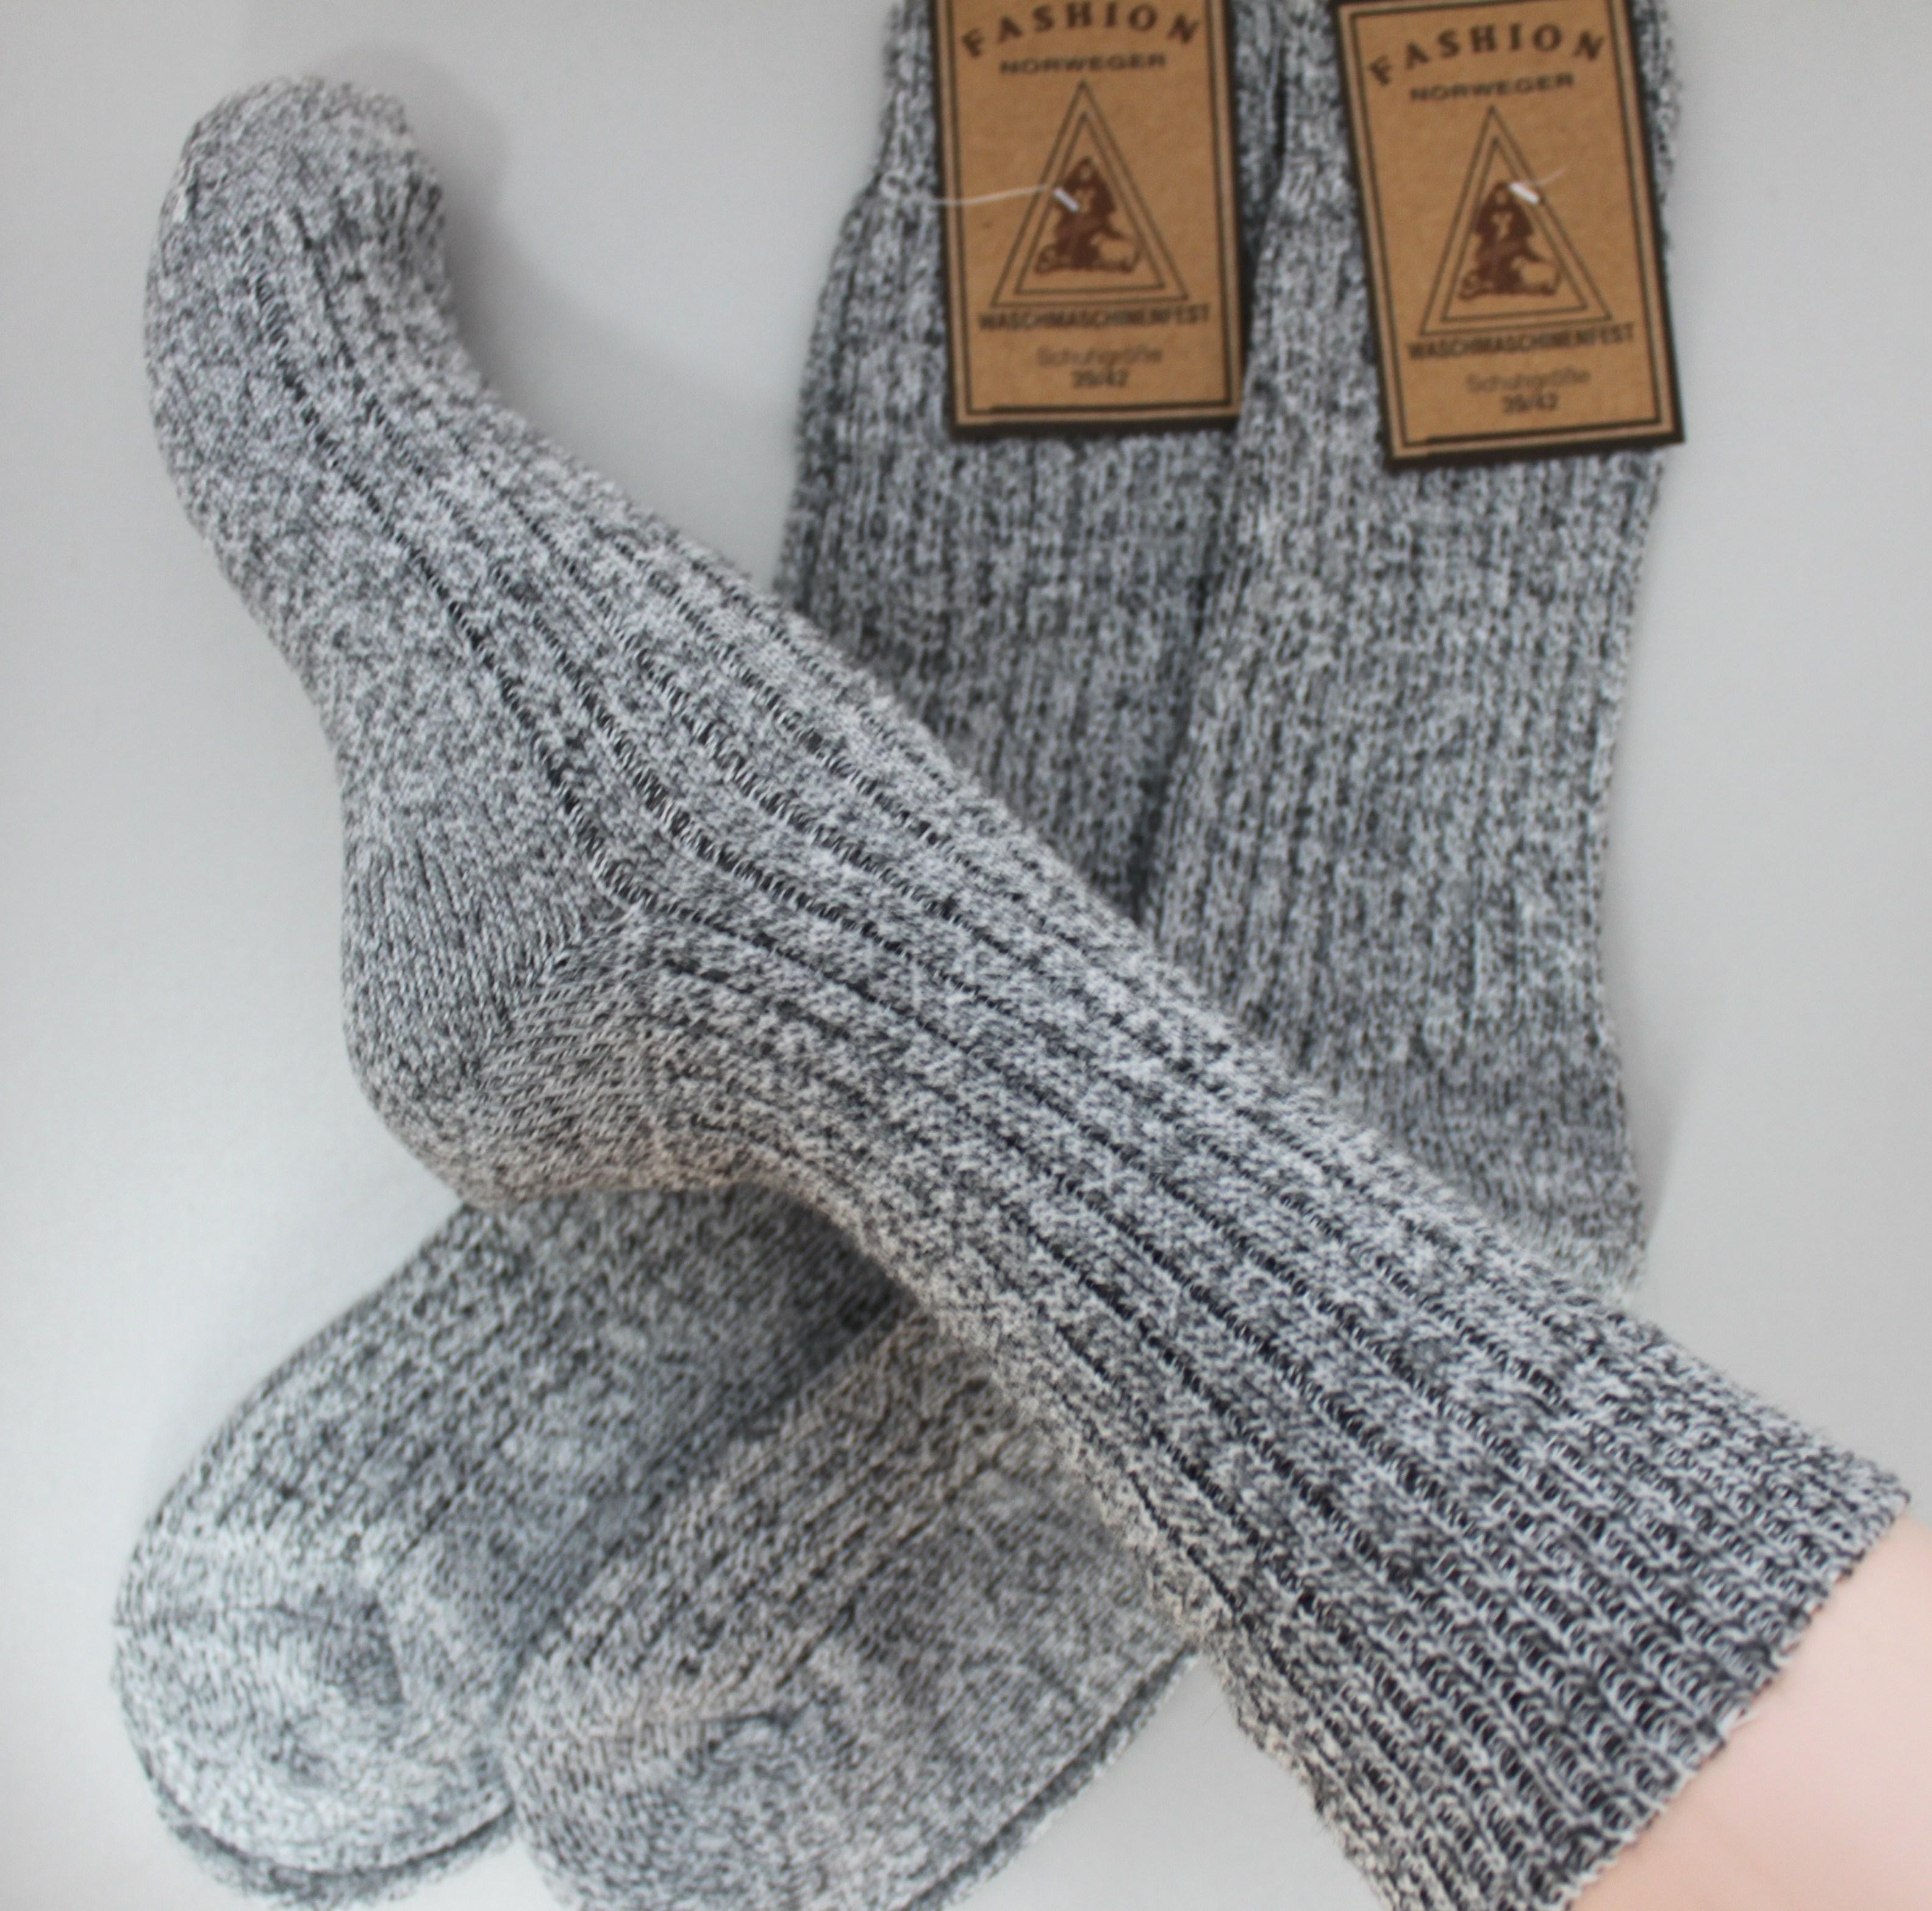 FussFreunde, 6 Paar TippTexx24 Norweger-Socken wie selbstgestrickt. Diese Wollsocken sind perfekt wärmend an kalten Wintertagen. Unsere bewährte gute Qualität zum Schnäppchenpreis.